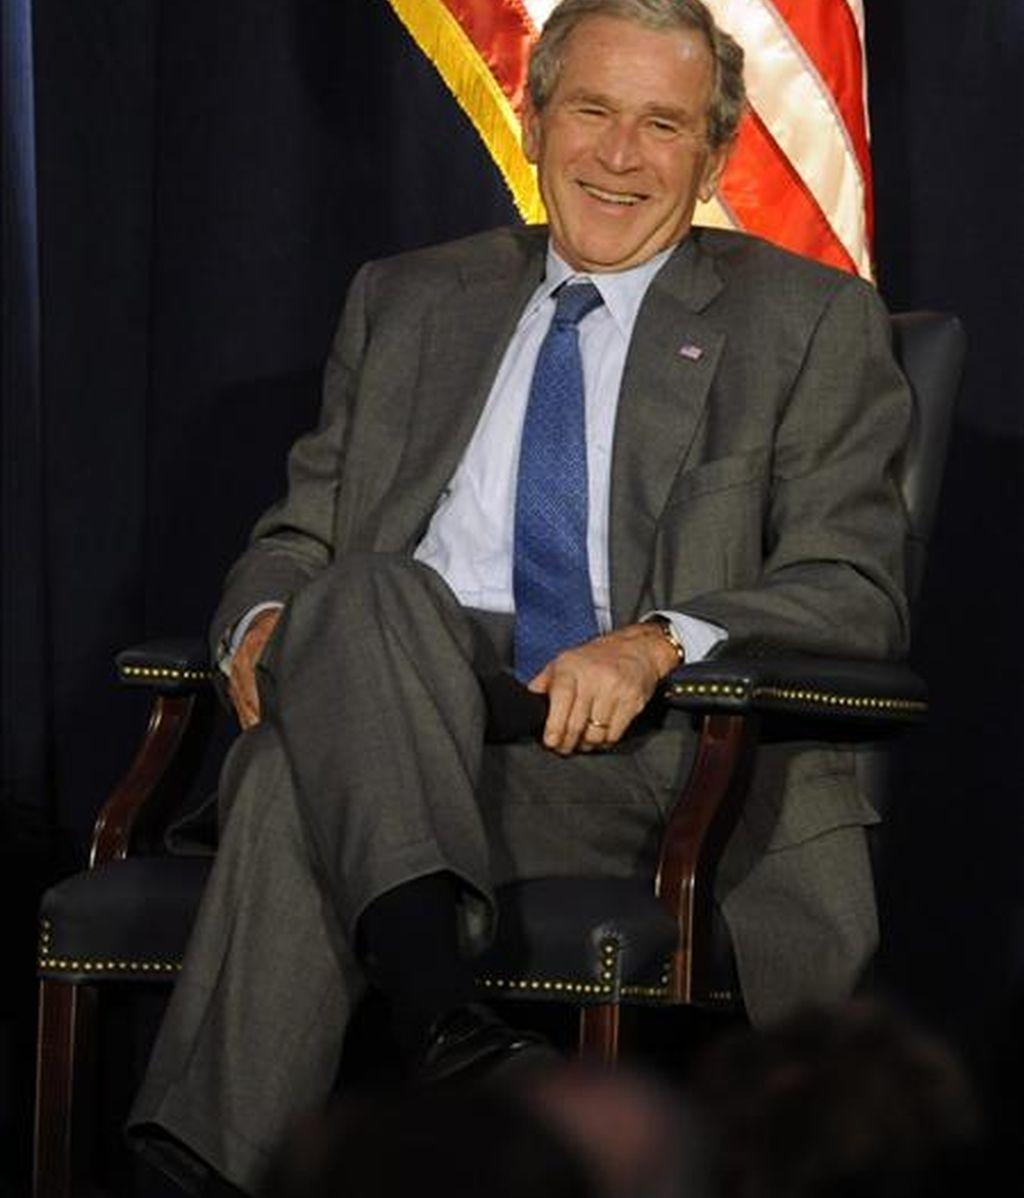 El ex presidente Bush, que durante sus ocho años de mandato fue criticado por las dos guerras abiertas en Irak y Afganistán, y crisis como la desatada por la mala gestión tras el huracán Katrina, ha logrado el 47 por ciento del apoyo. EFE/Archivo